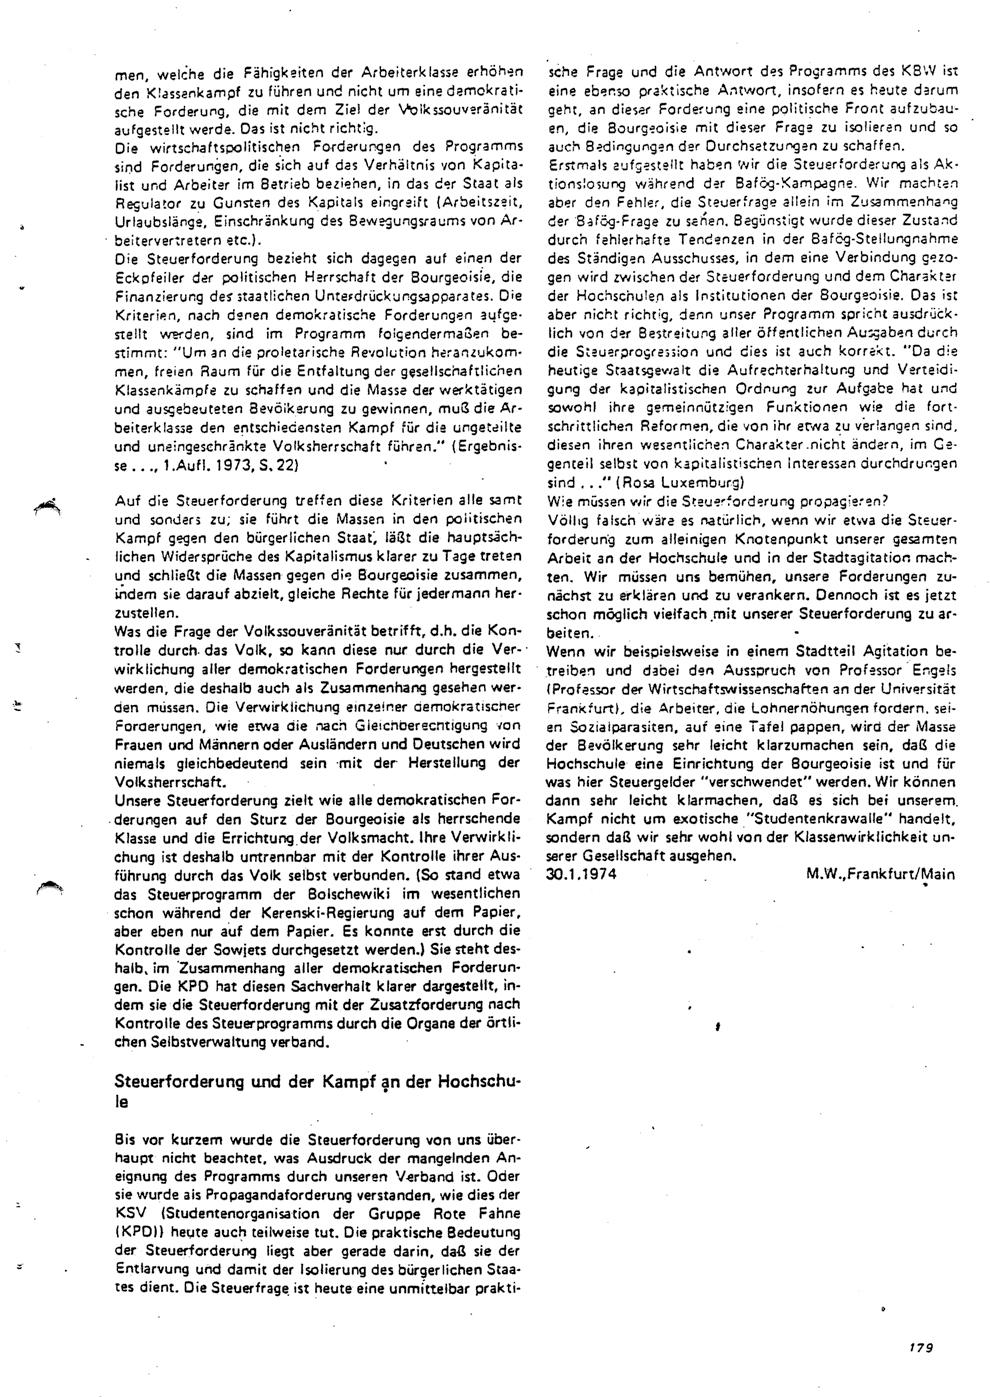 KABRW_Arbeitshefte_1978_31_059